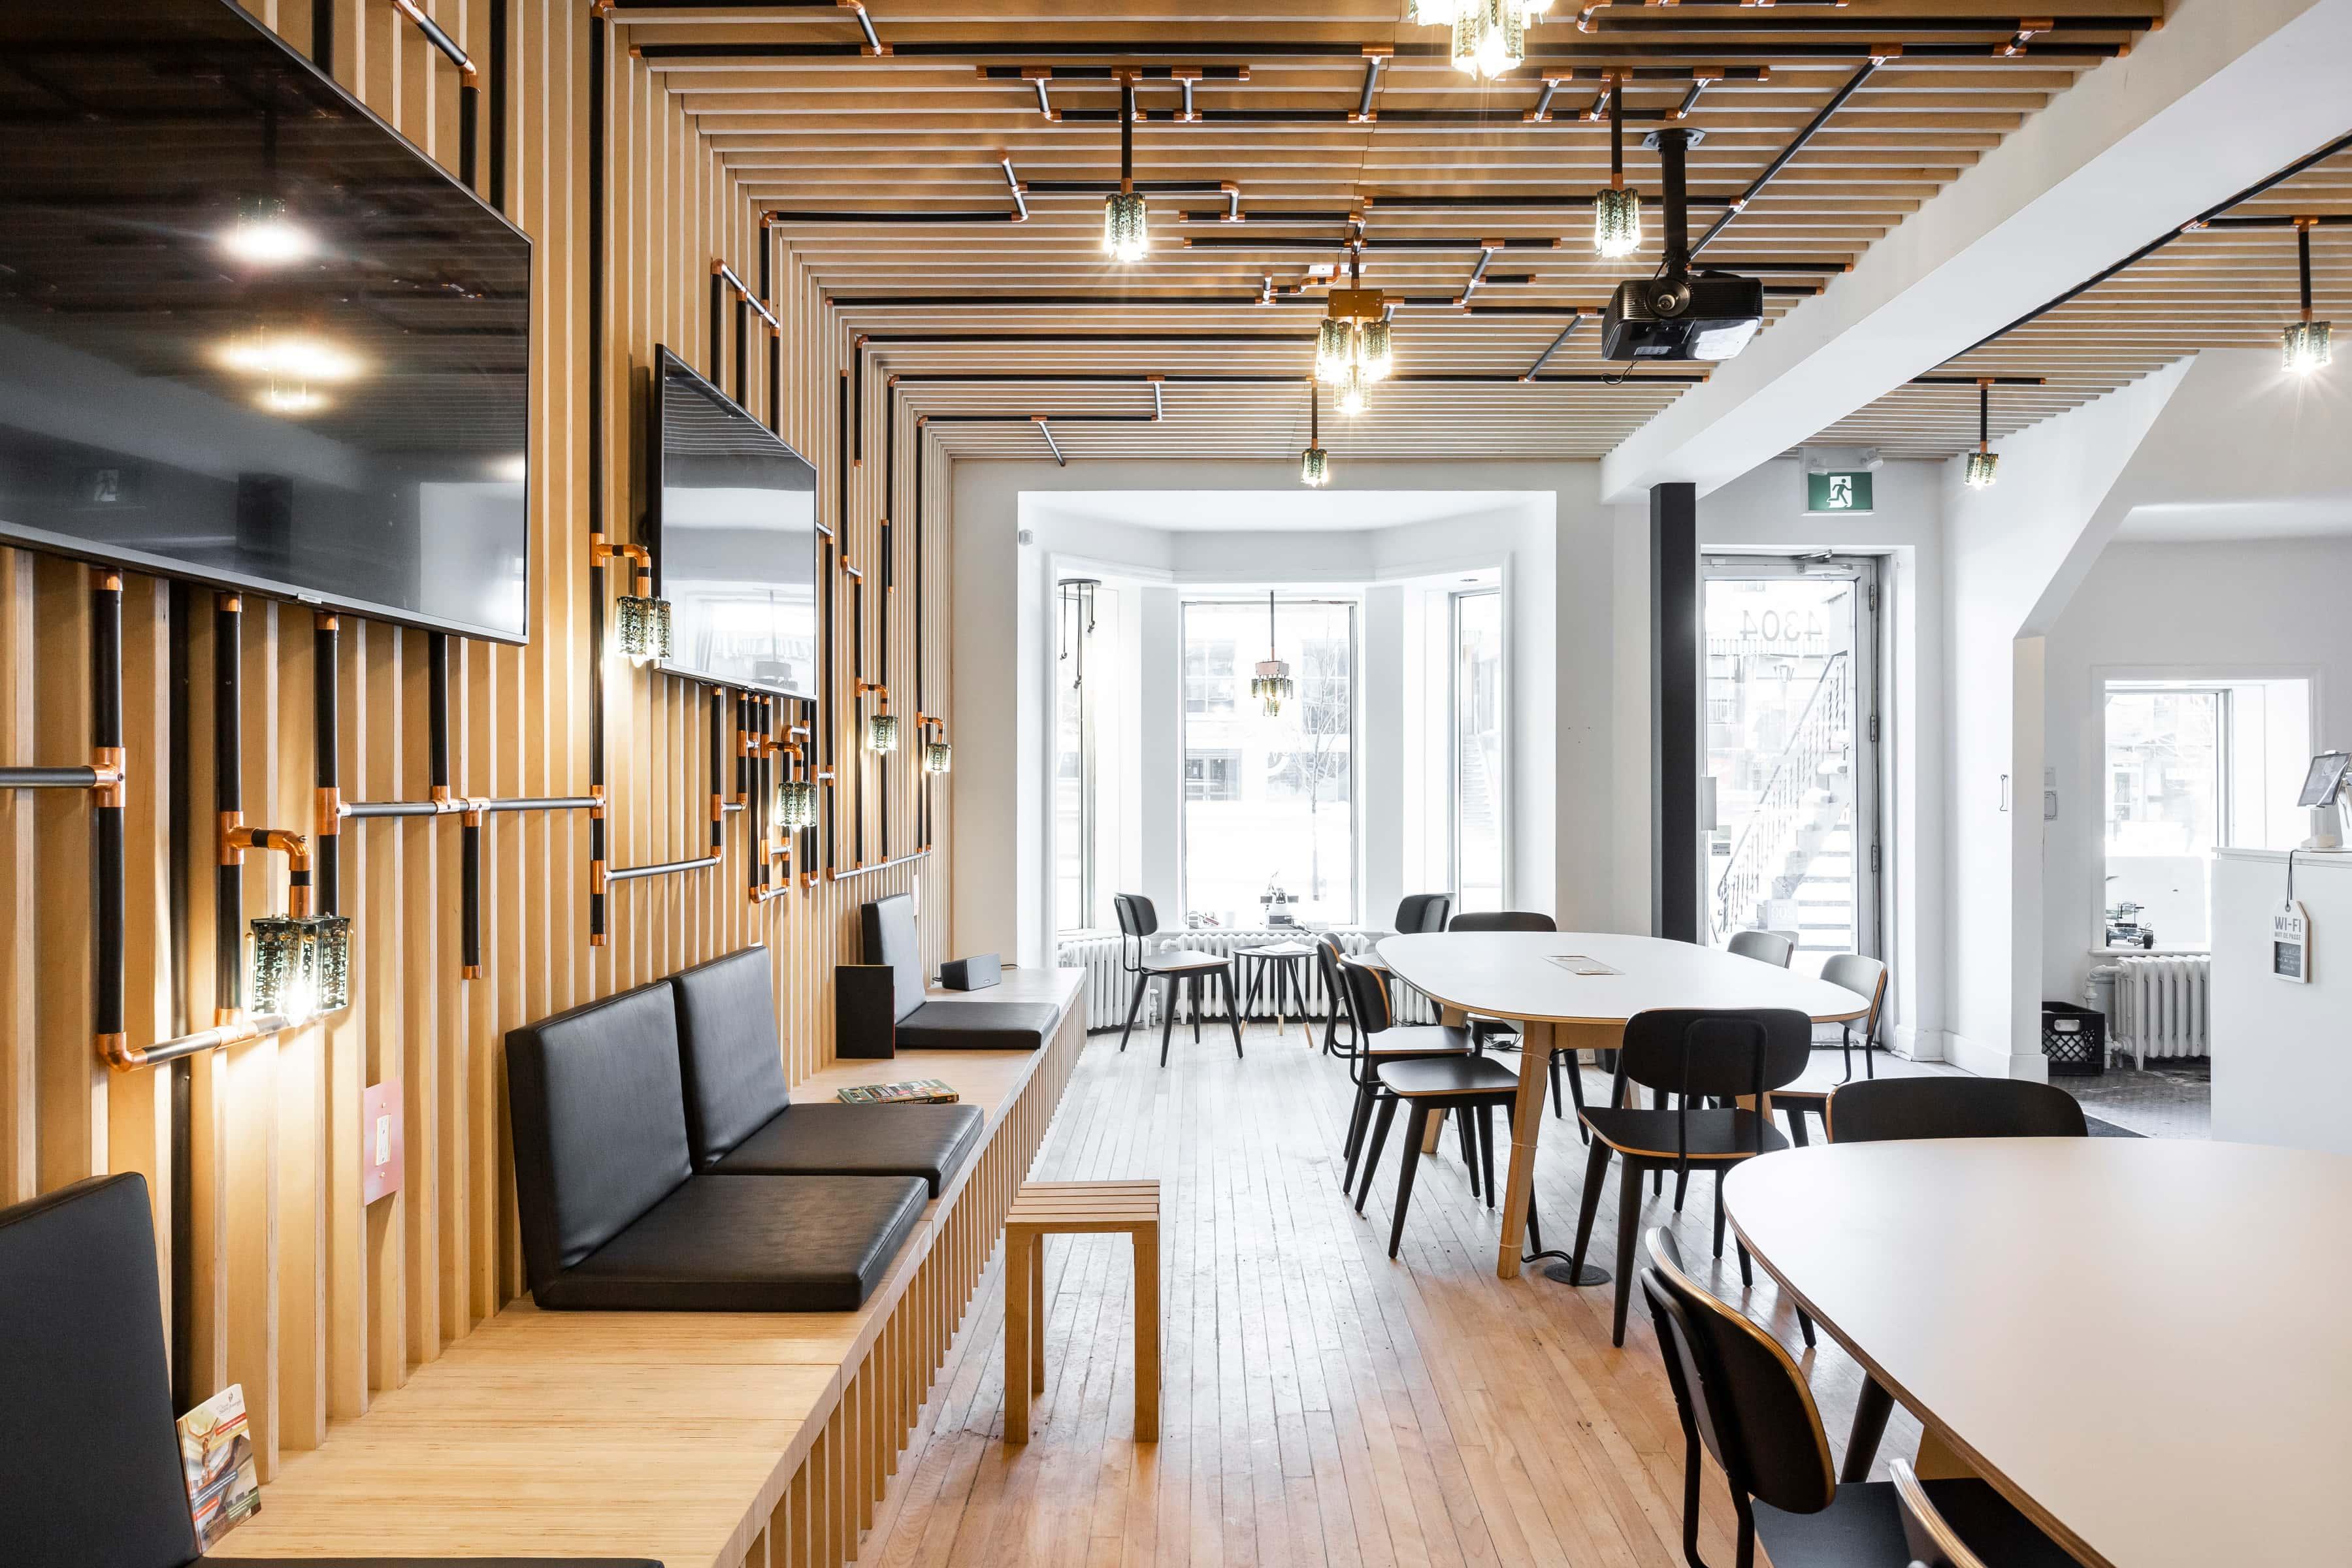 design café branché avec banquettes en bois, sièges noires, téléviseurs au mur et tables en bois pâle